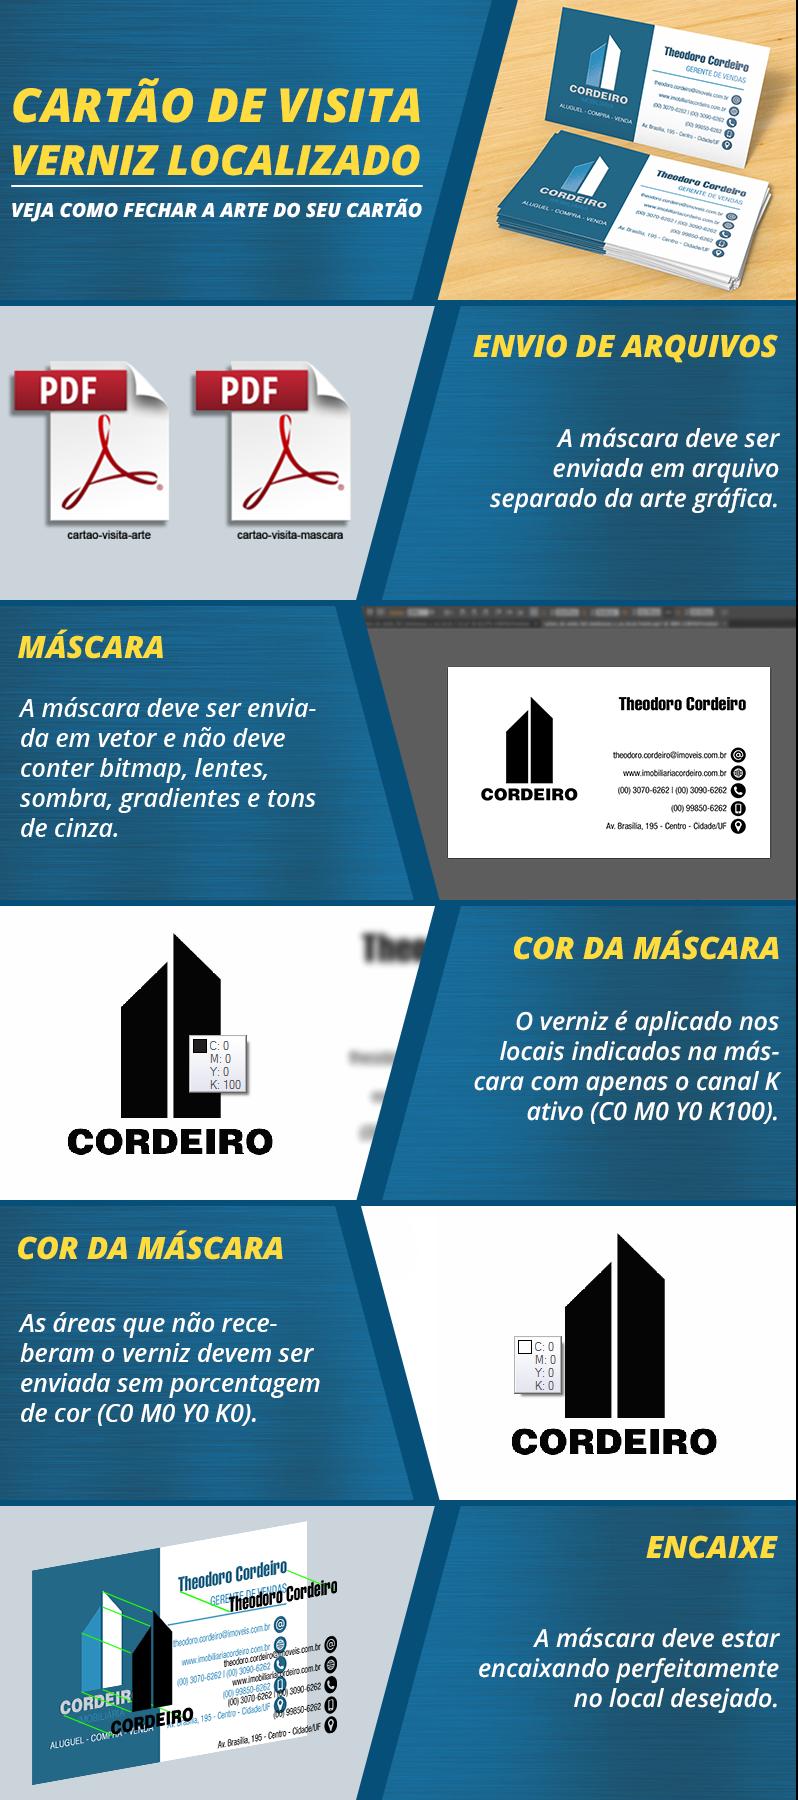 https://www.rgraficacuritiba.com.br/cartao-de-visita-verniz-localizado